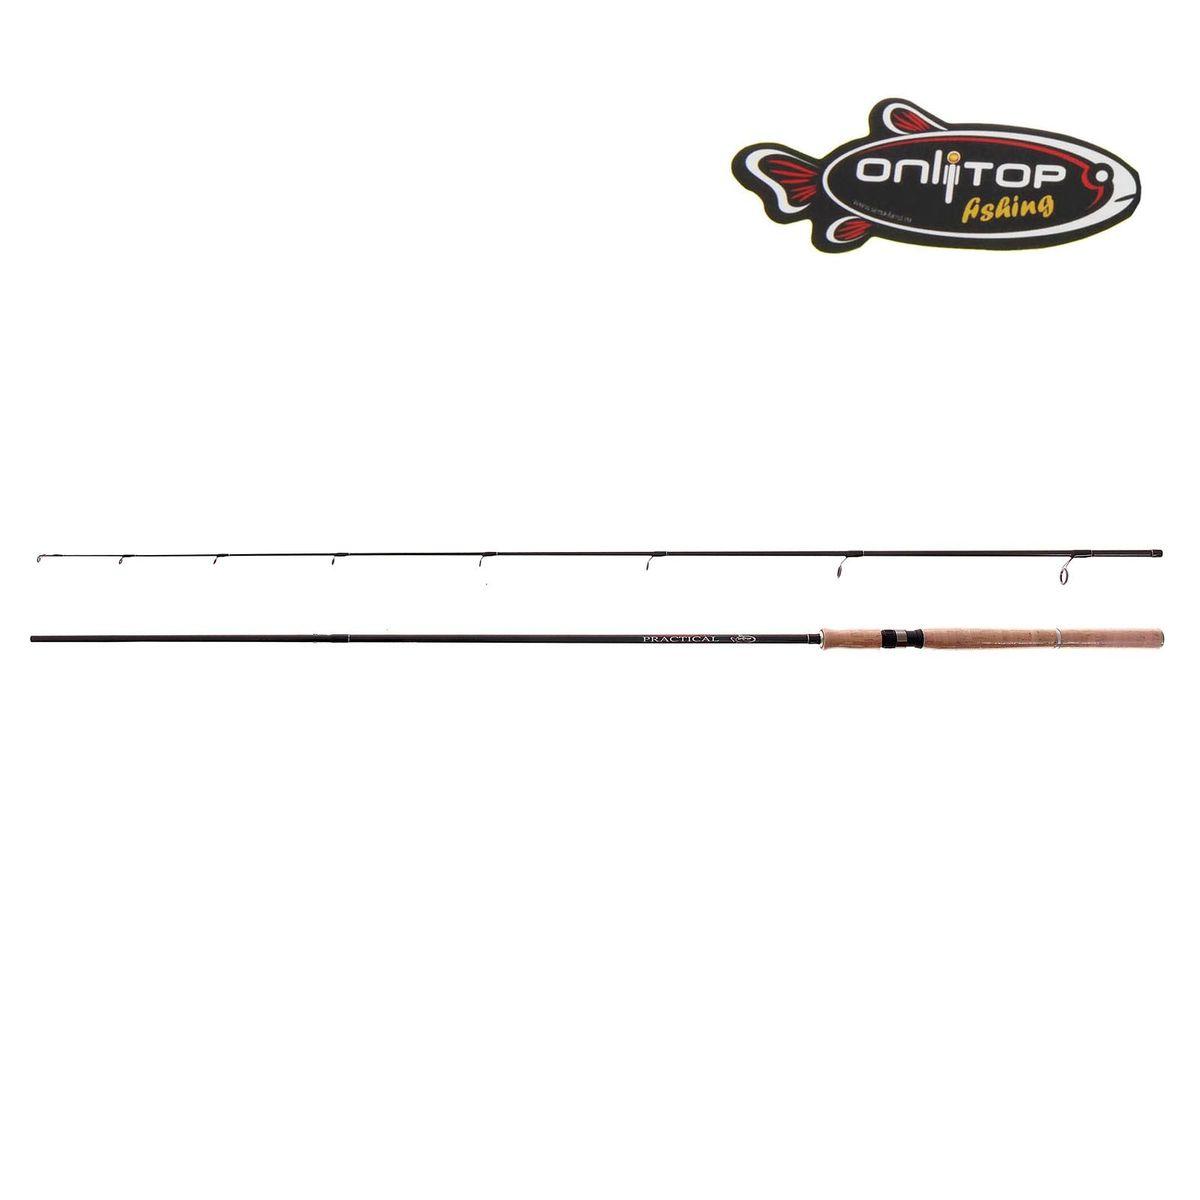 Спиннинг штекерный Onlitop Practical, 2,4 м, 5-20 г коньки onlitop abec 5 35 38 brown 869408